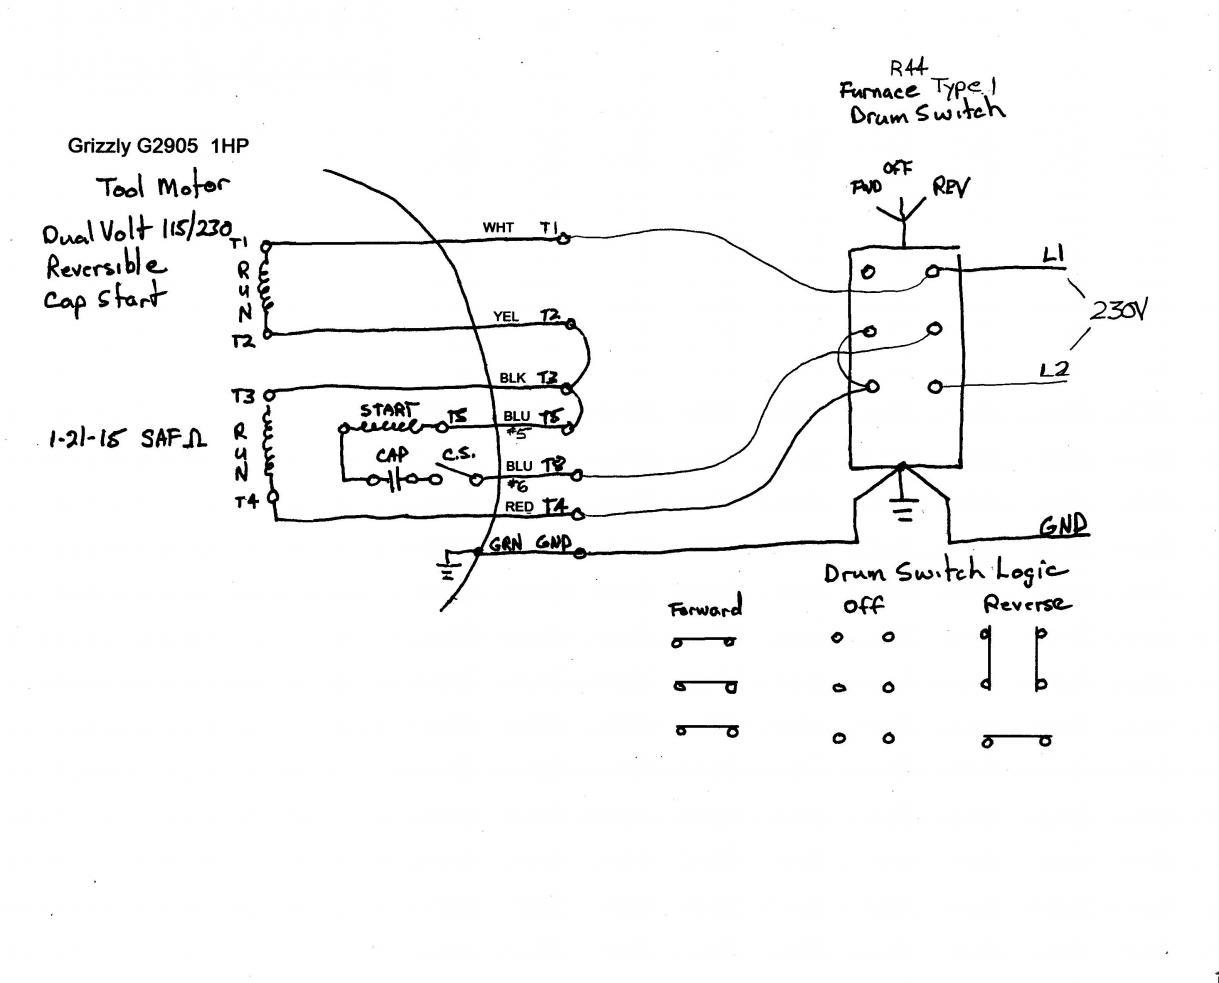 OR_2027] Furnas R44 Drum Switch Wiring DiagramUnho Benkeme Mohammedshrine Librar Wiring 101